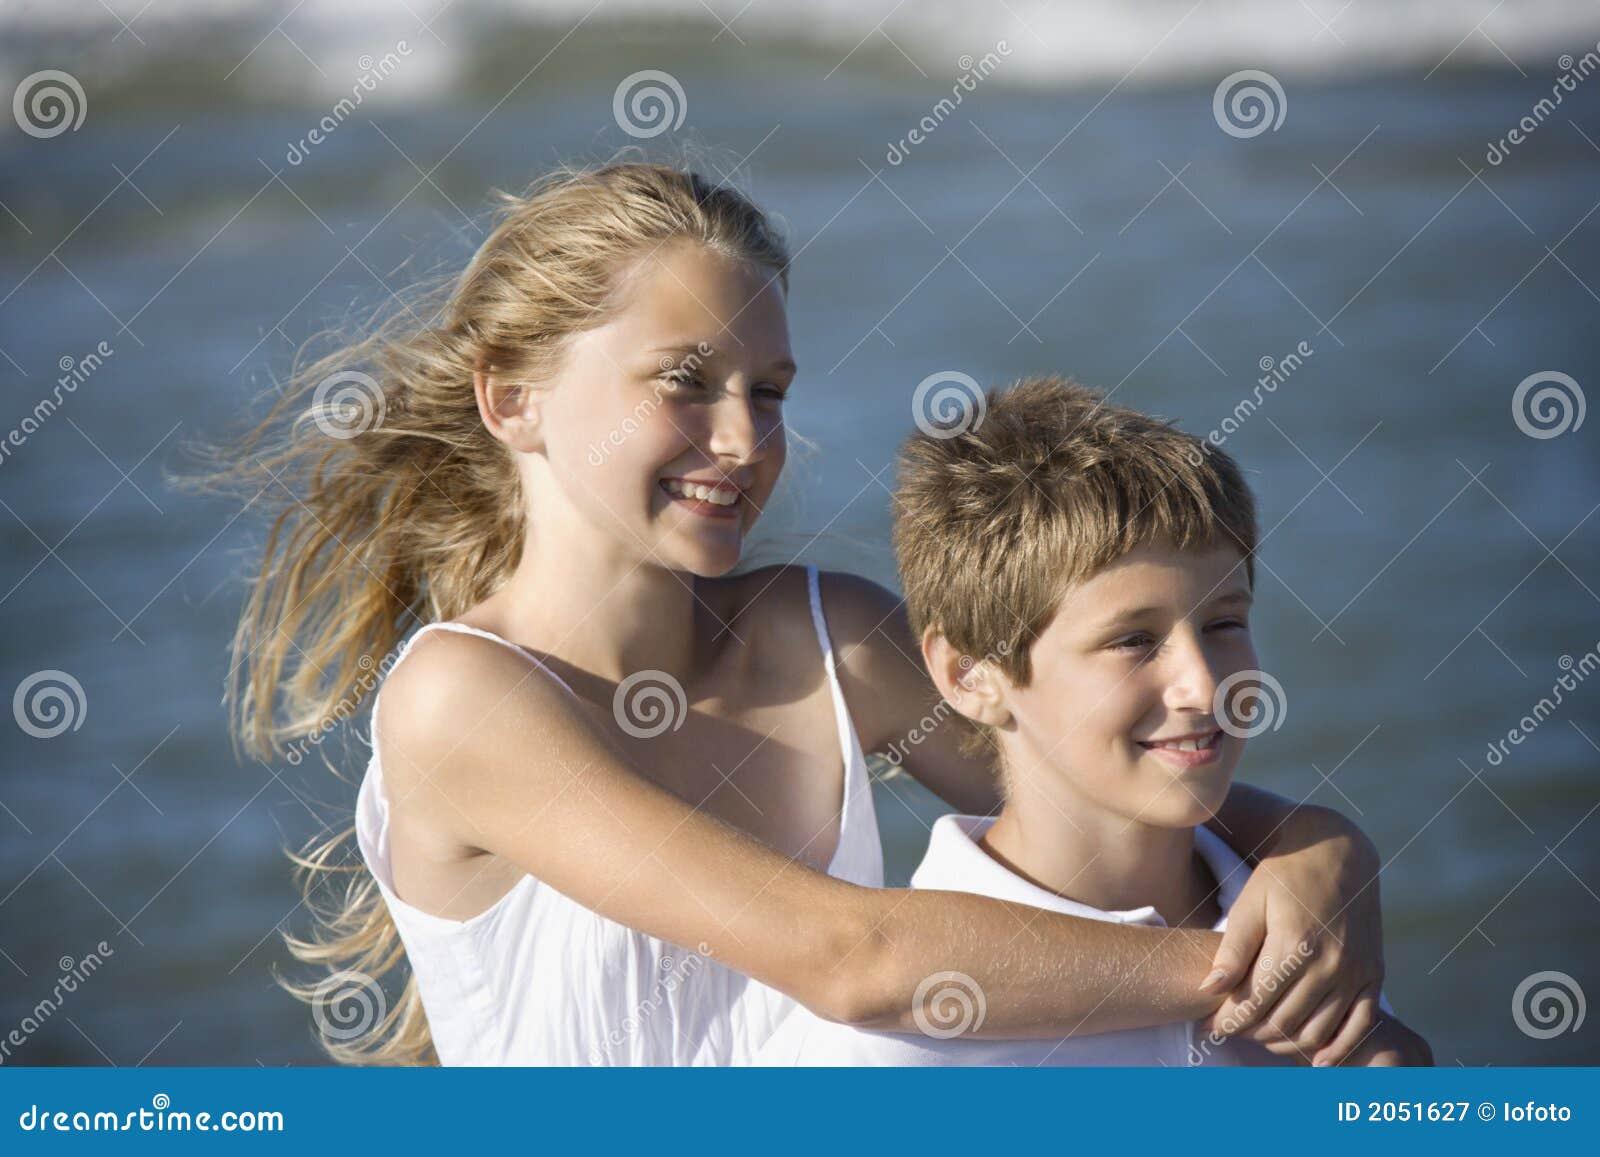 Русский инцест родного брата с сестрой, Инцест брата с сестрой 12 фотография